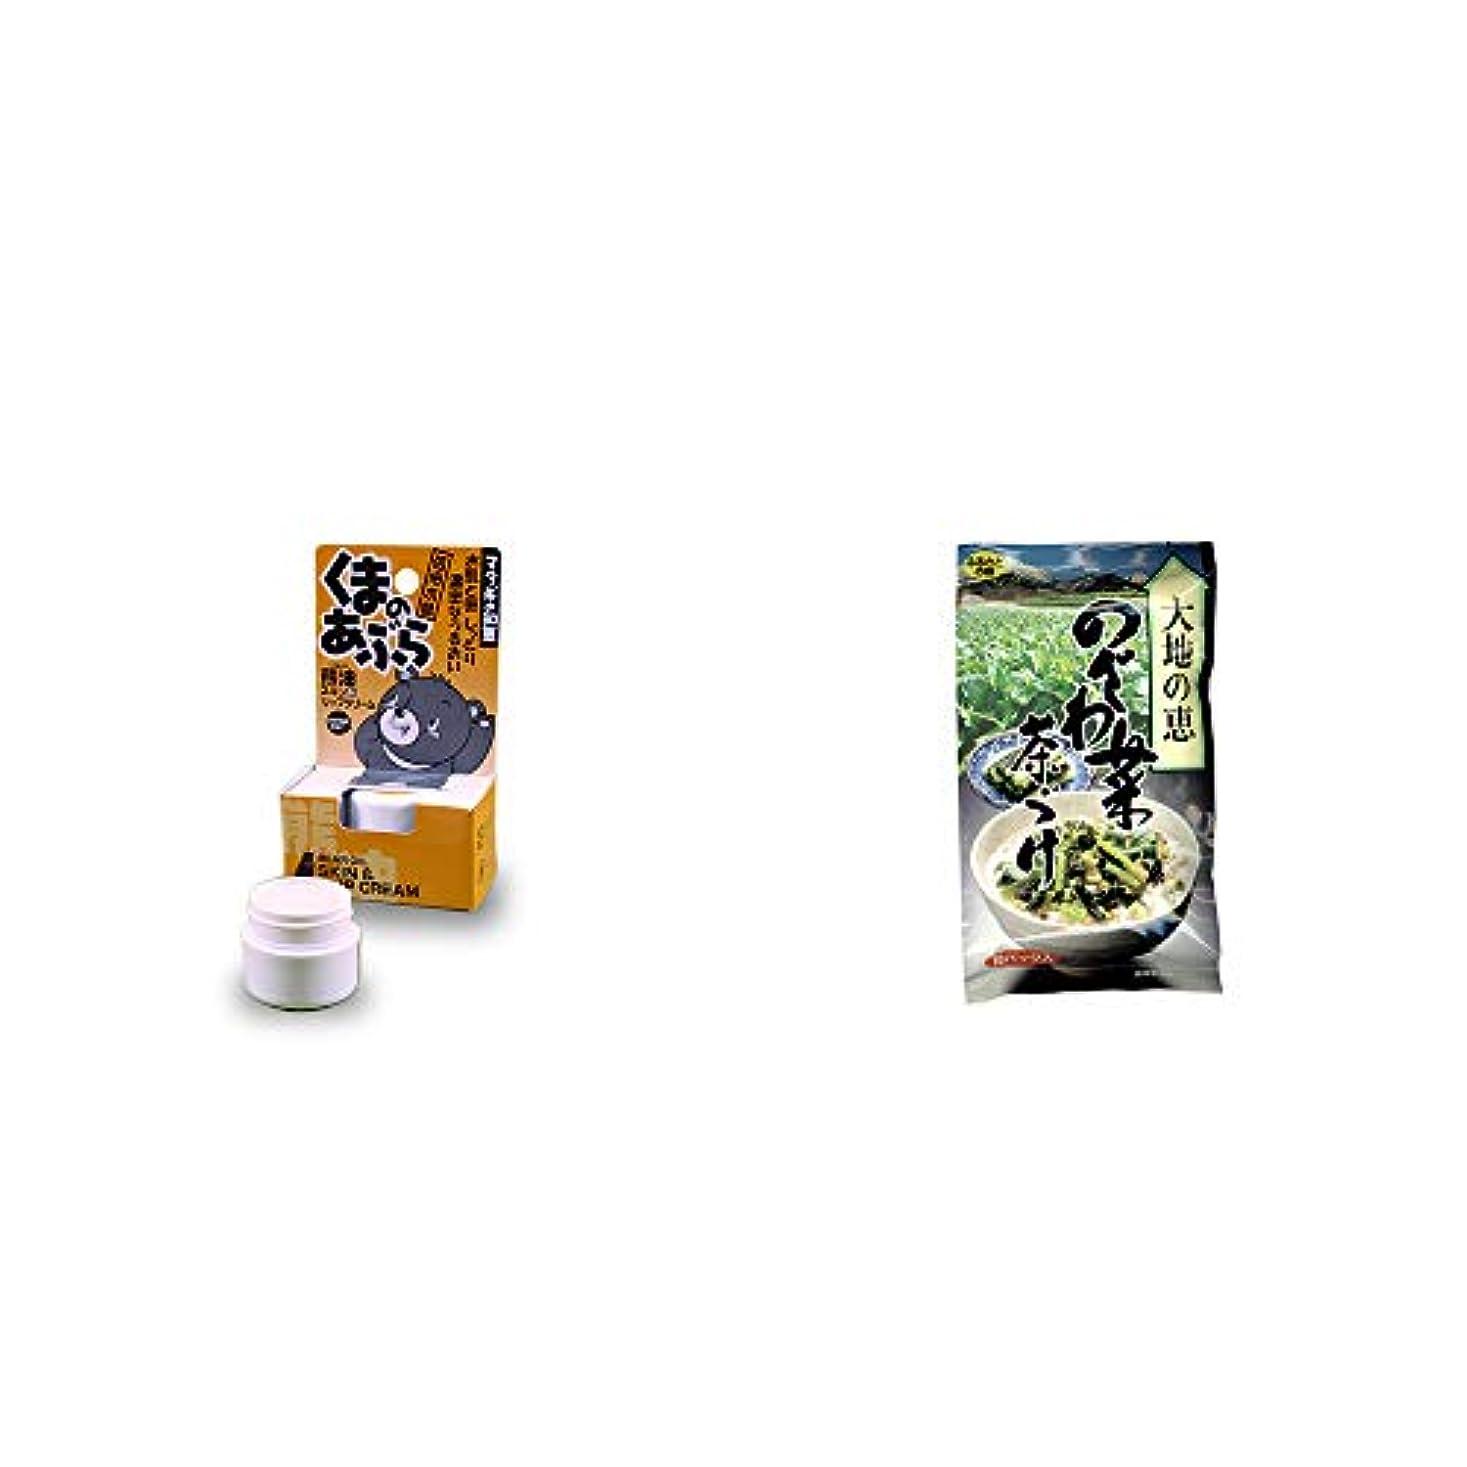 グローバルアグネスグレイクルー[2点セット] 信州木曽 くまのあぶら 熊油スキン&リップクリーム(9g)?特選茶漬け 大地の恵 のざわ菜茶づけ(10袋入)